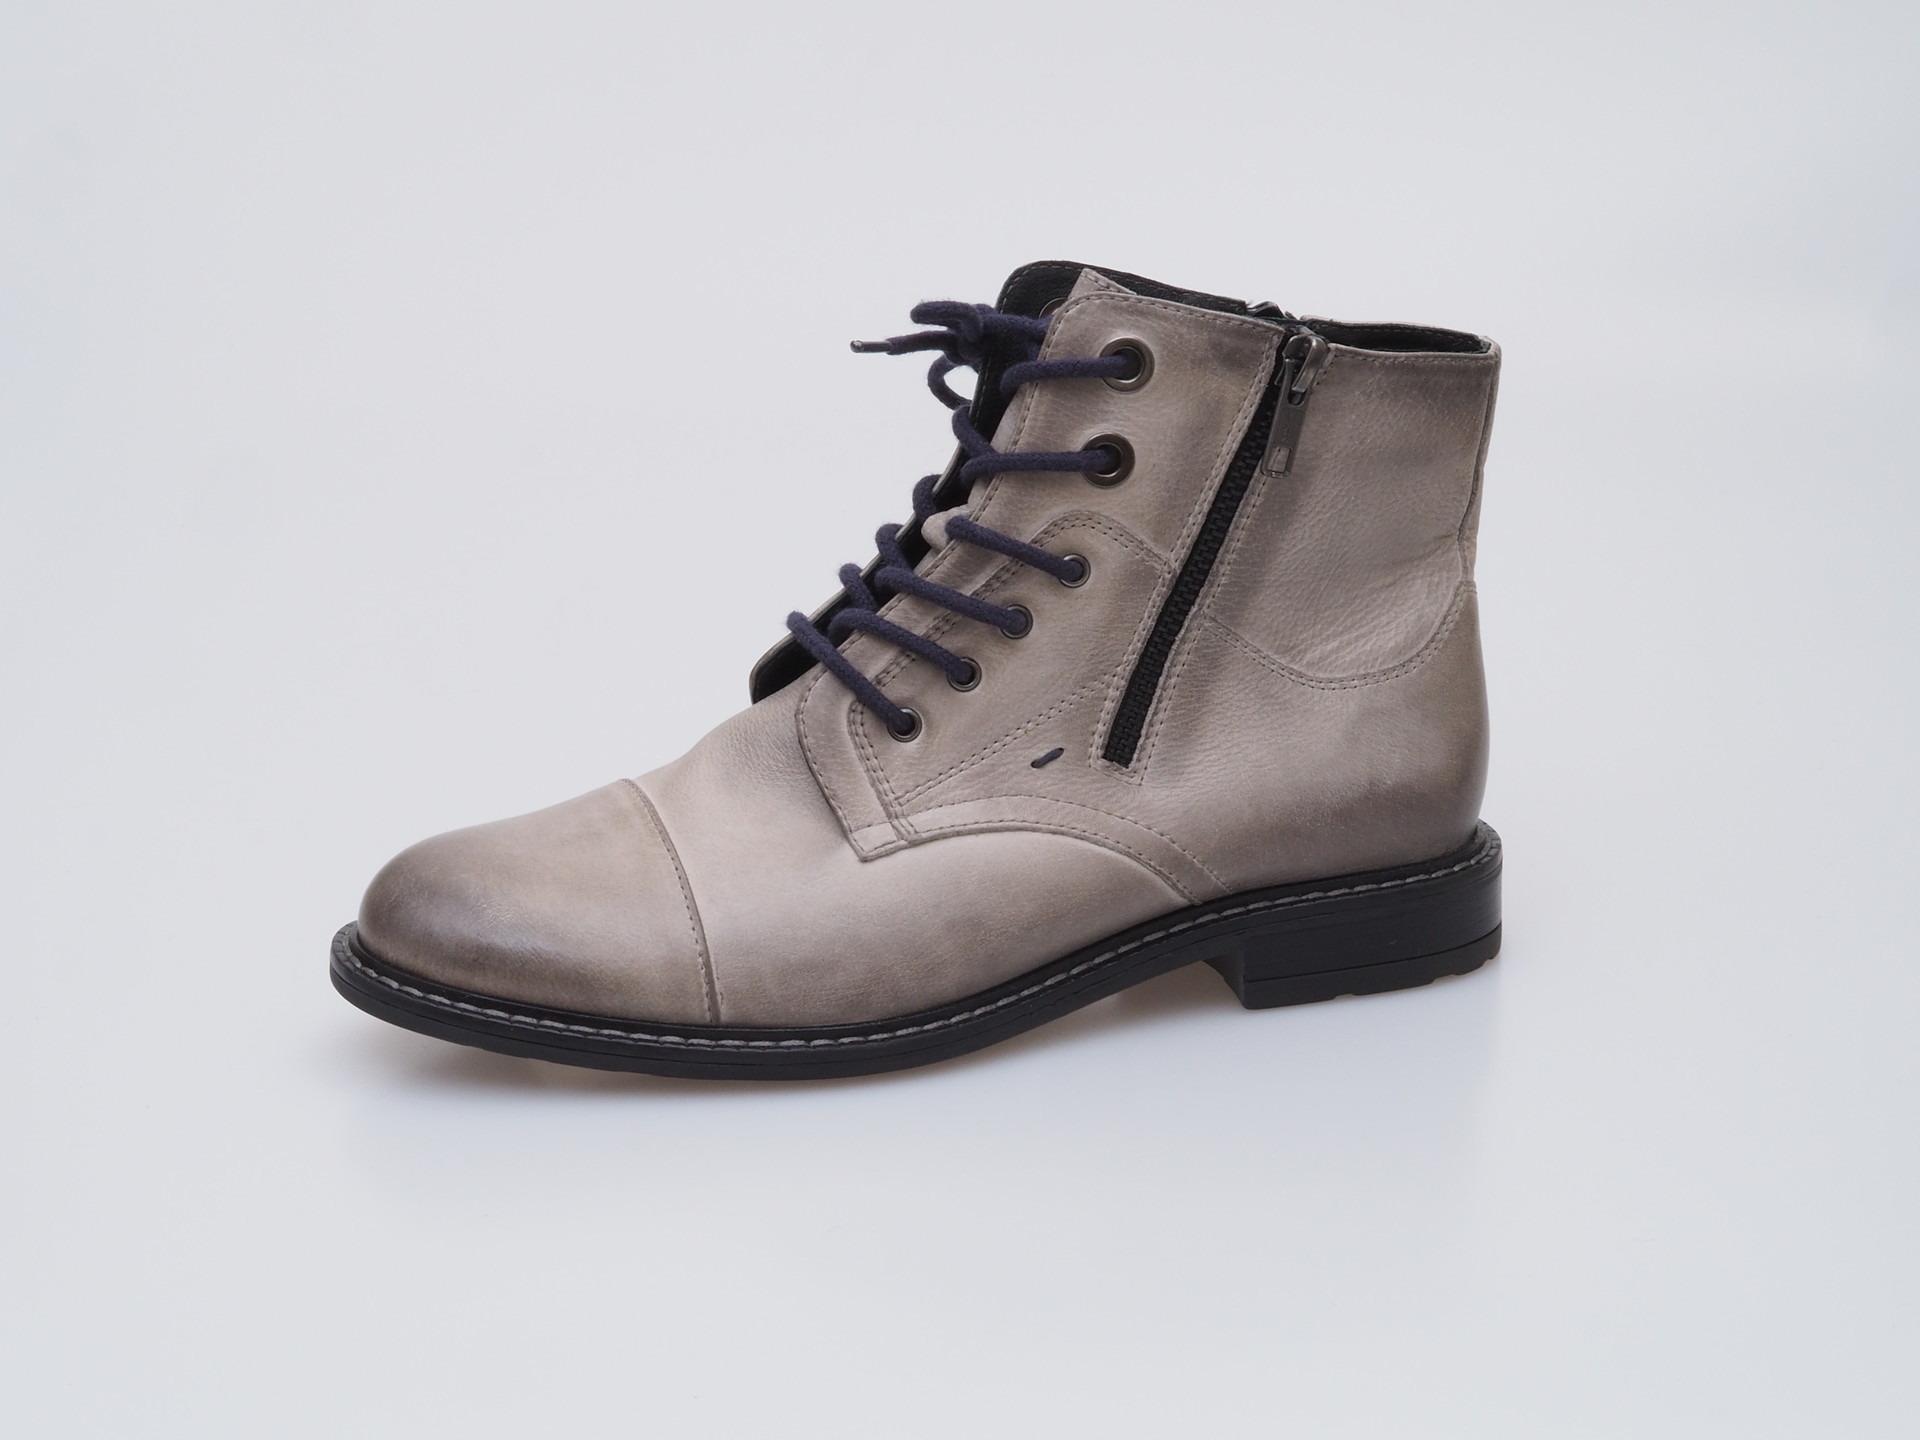 87dd2d728e8c Soňa - Dámska obuv - Kotníčky - Dámska šnurovacia obuv zateplená